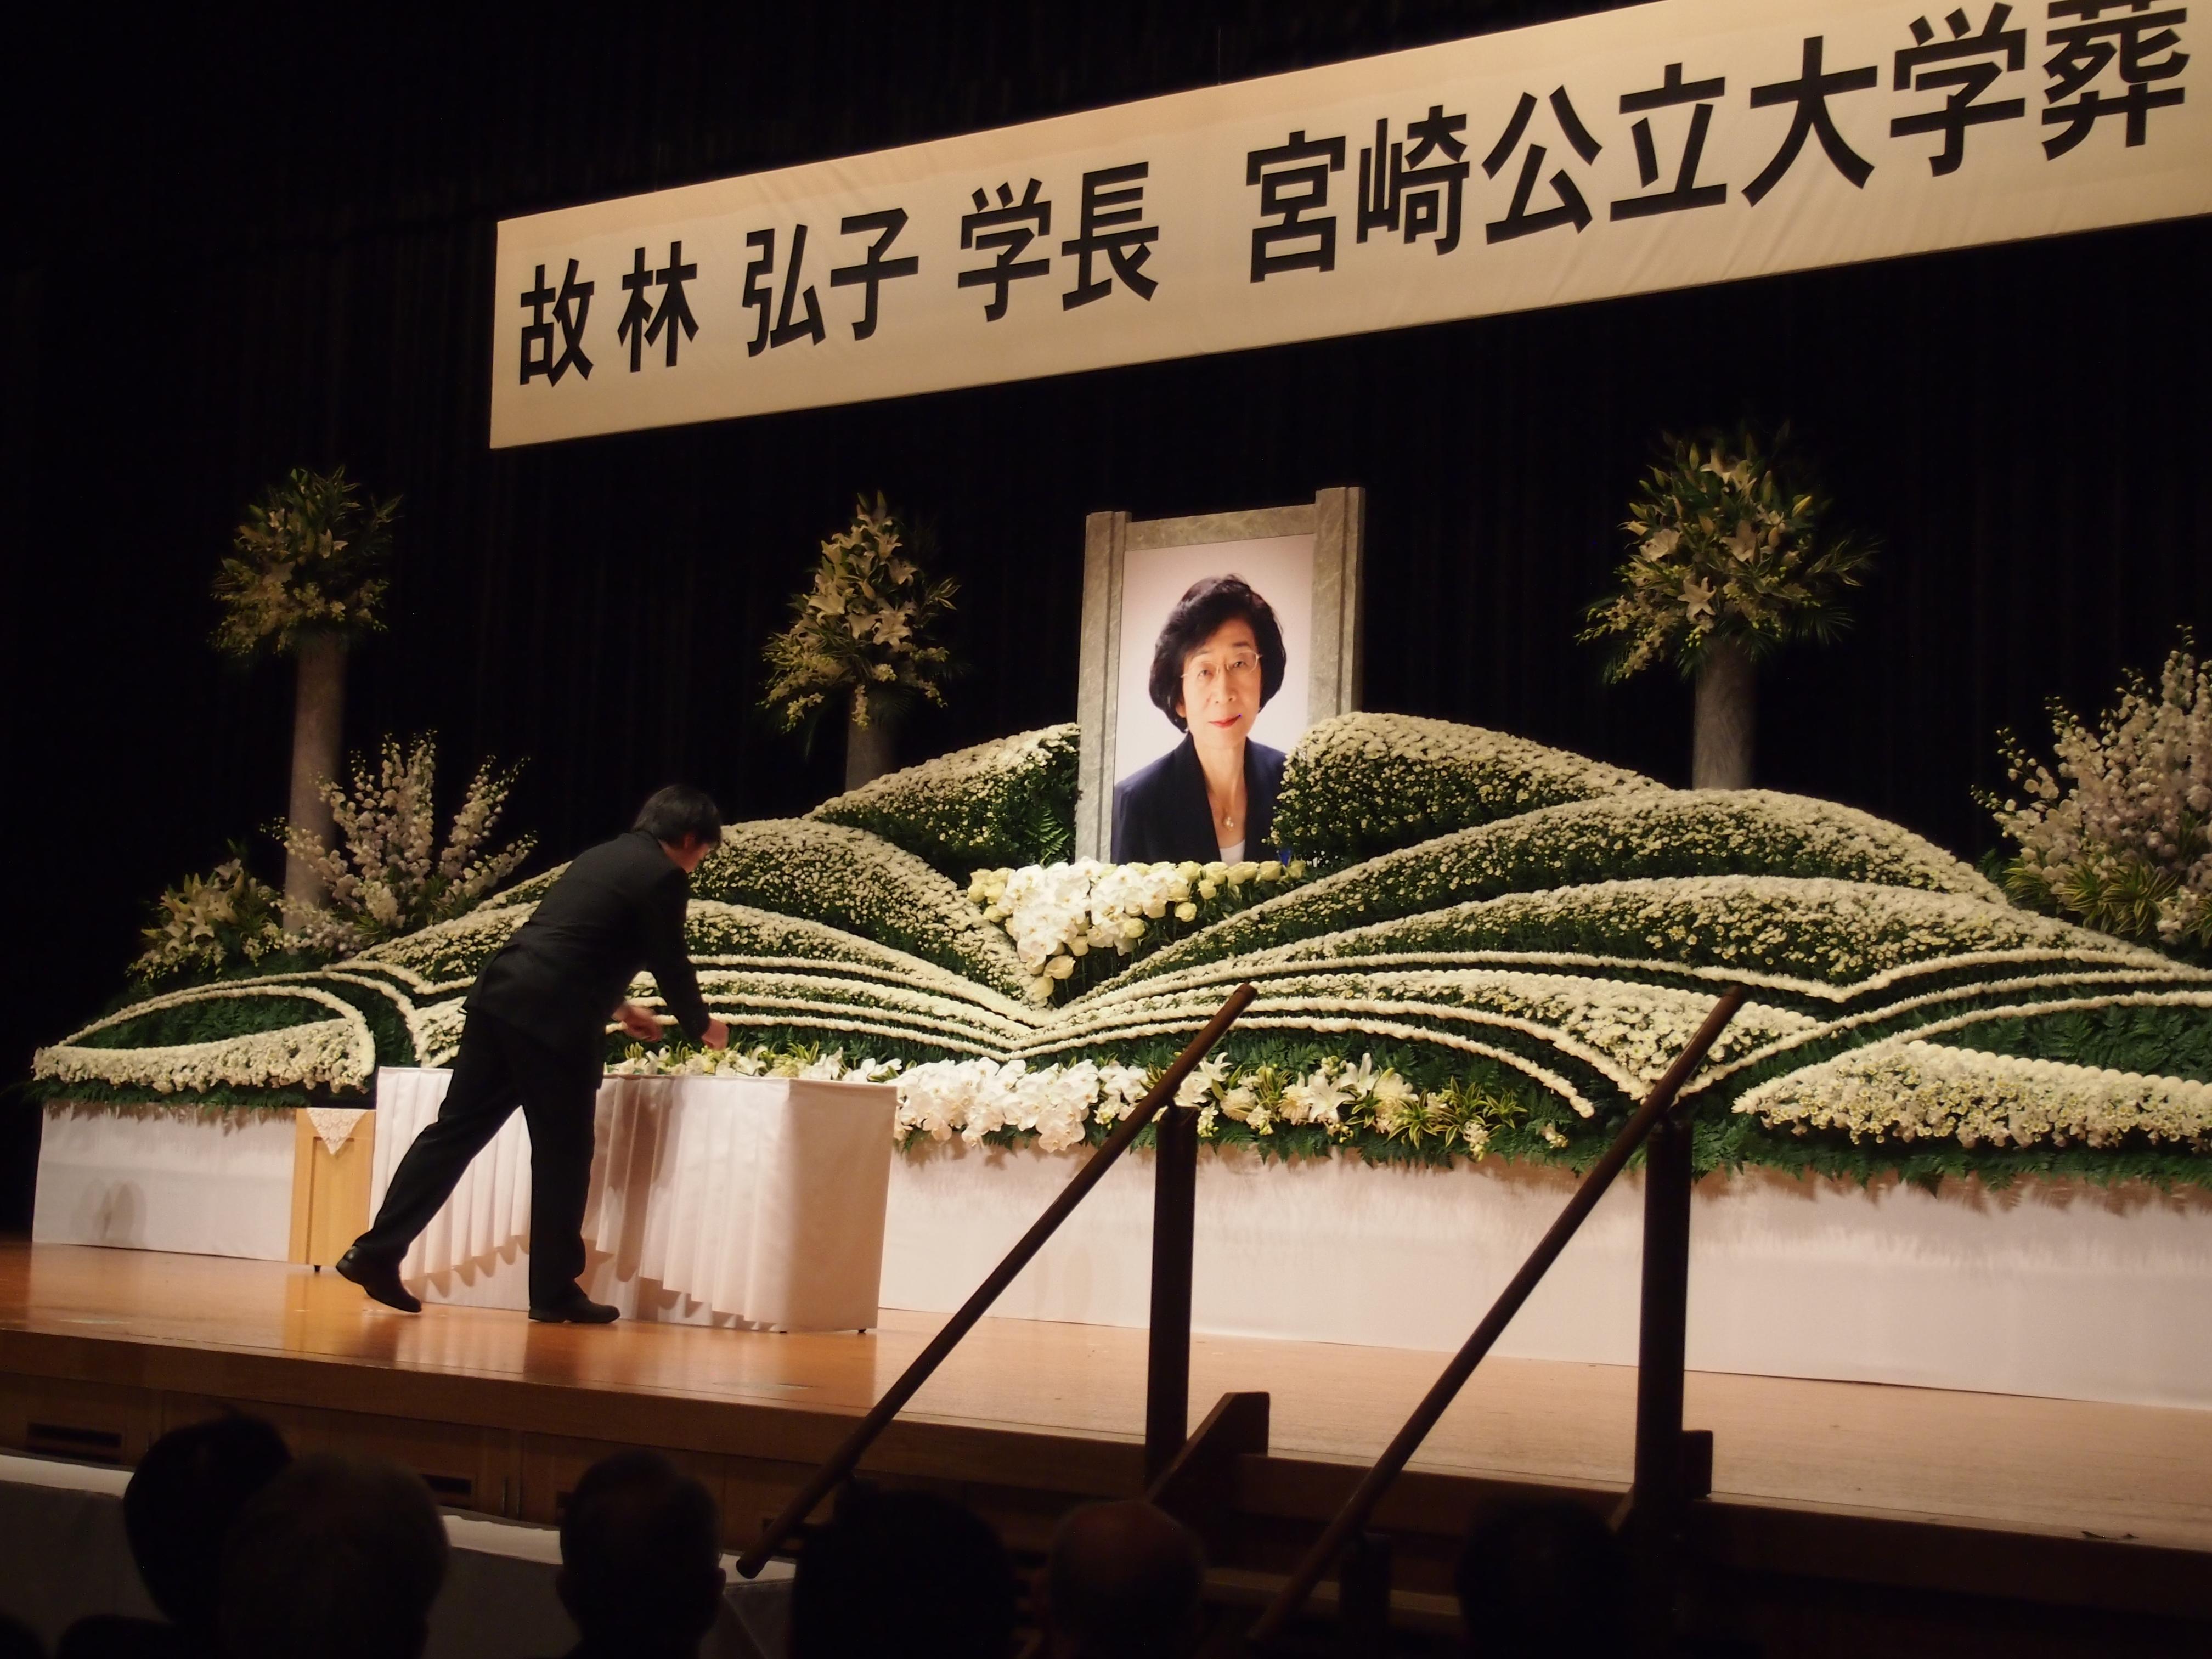 故 林弘子 学長の大学葬が行われました